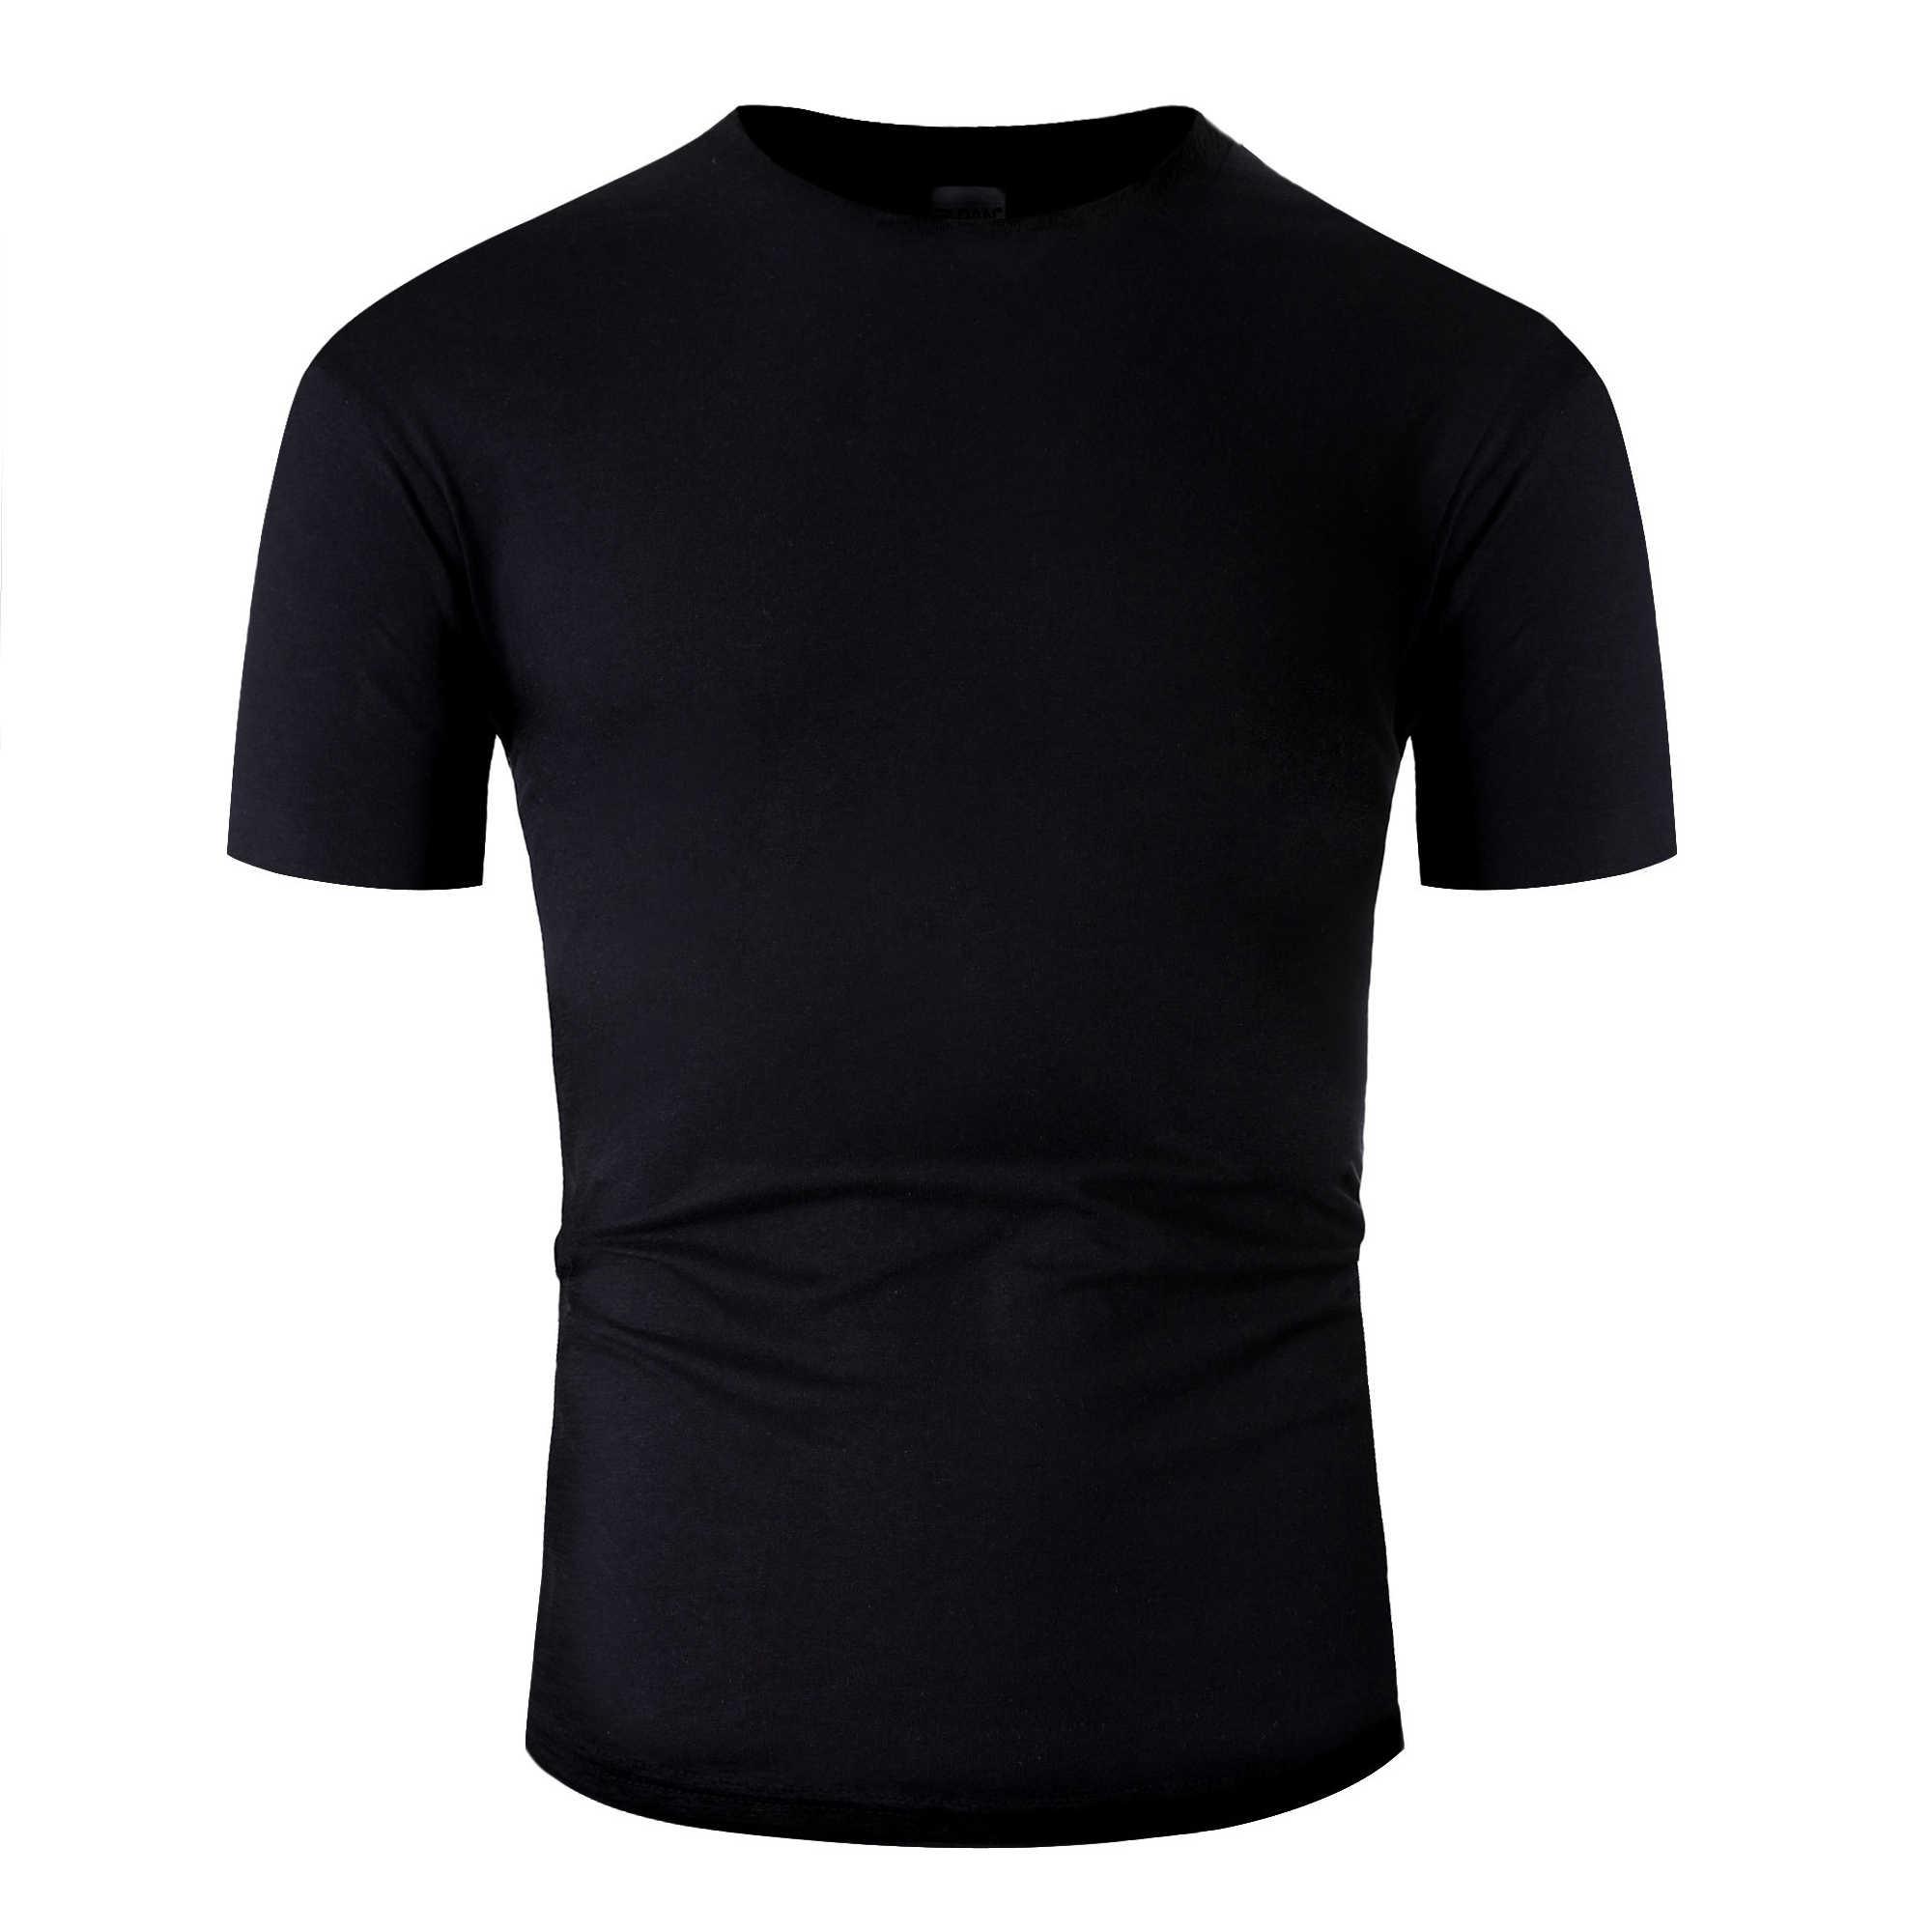 Logo Fashion T Kemeja Cetak Yang Anda Butuhkan Adalah Cinta Matematika O-Leher Lengan Pendek Tee Pria Kaos Fashion 2020 Kasual Tshirt